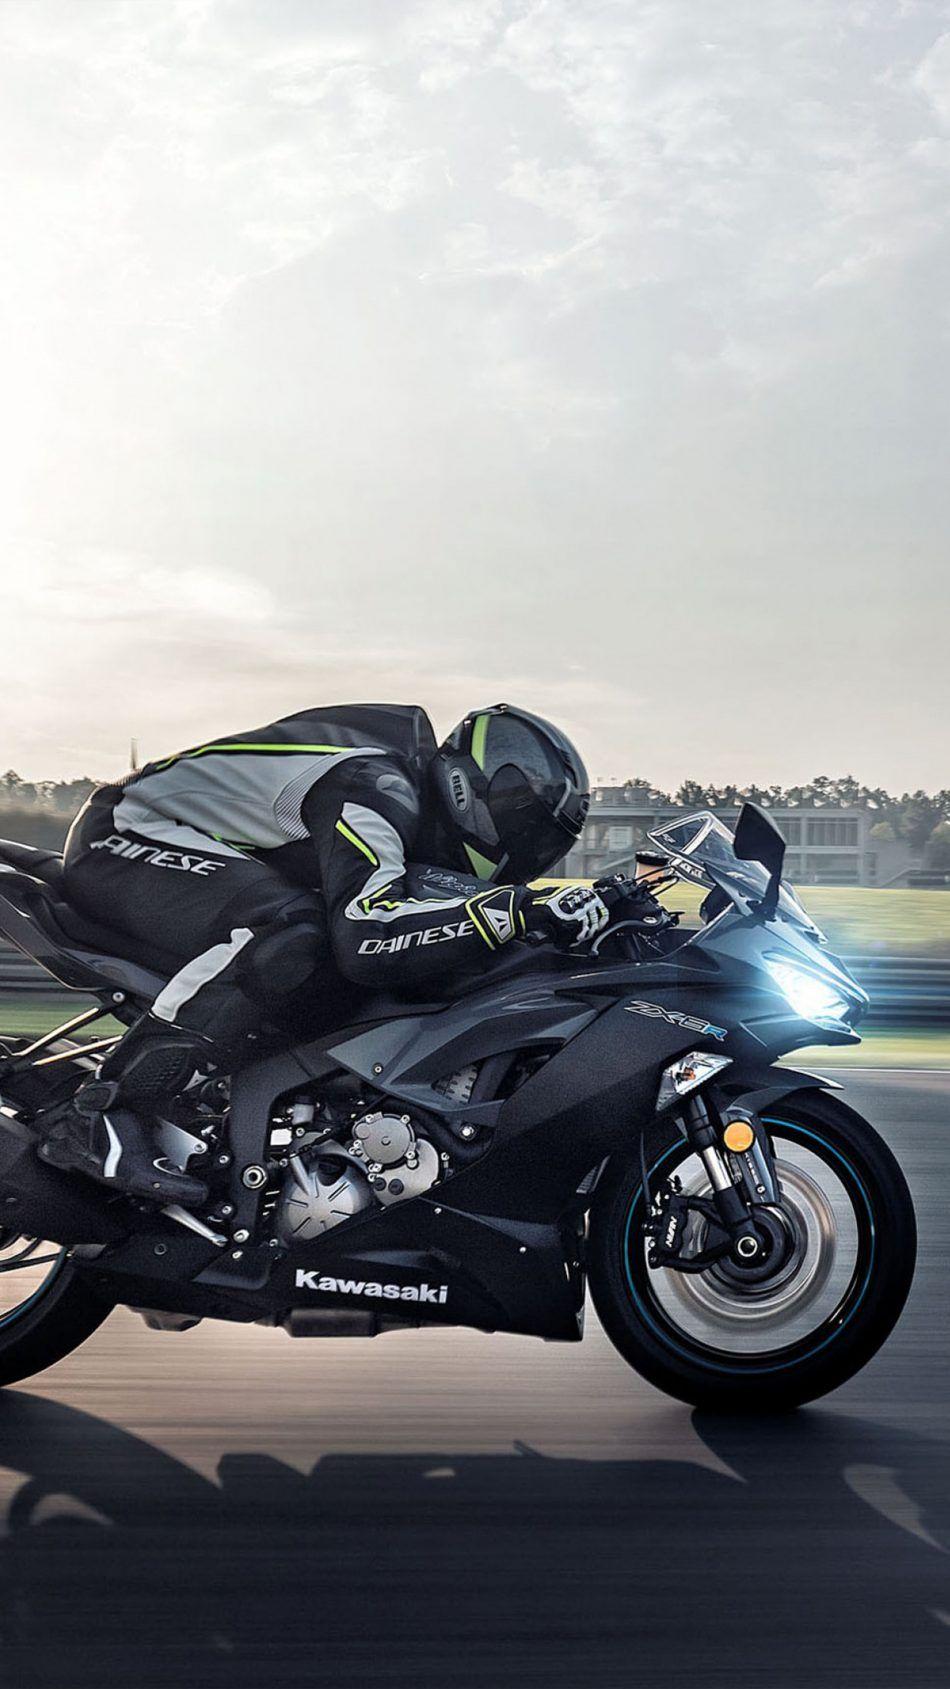 Kawasaki Ninja Zx 6r 2019 Race Track 4k Ultra Hd Mobile Wallpaper Ninja Bike Kawasaki Ninja Kawasaki Ninja Zx6r